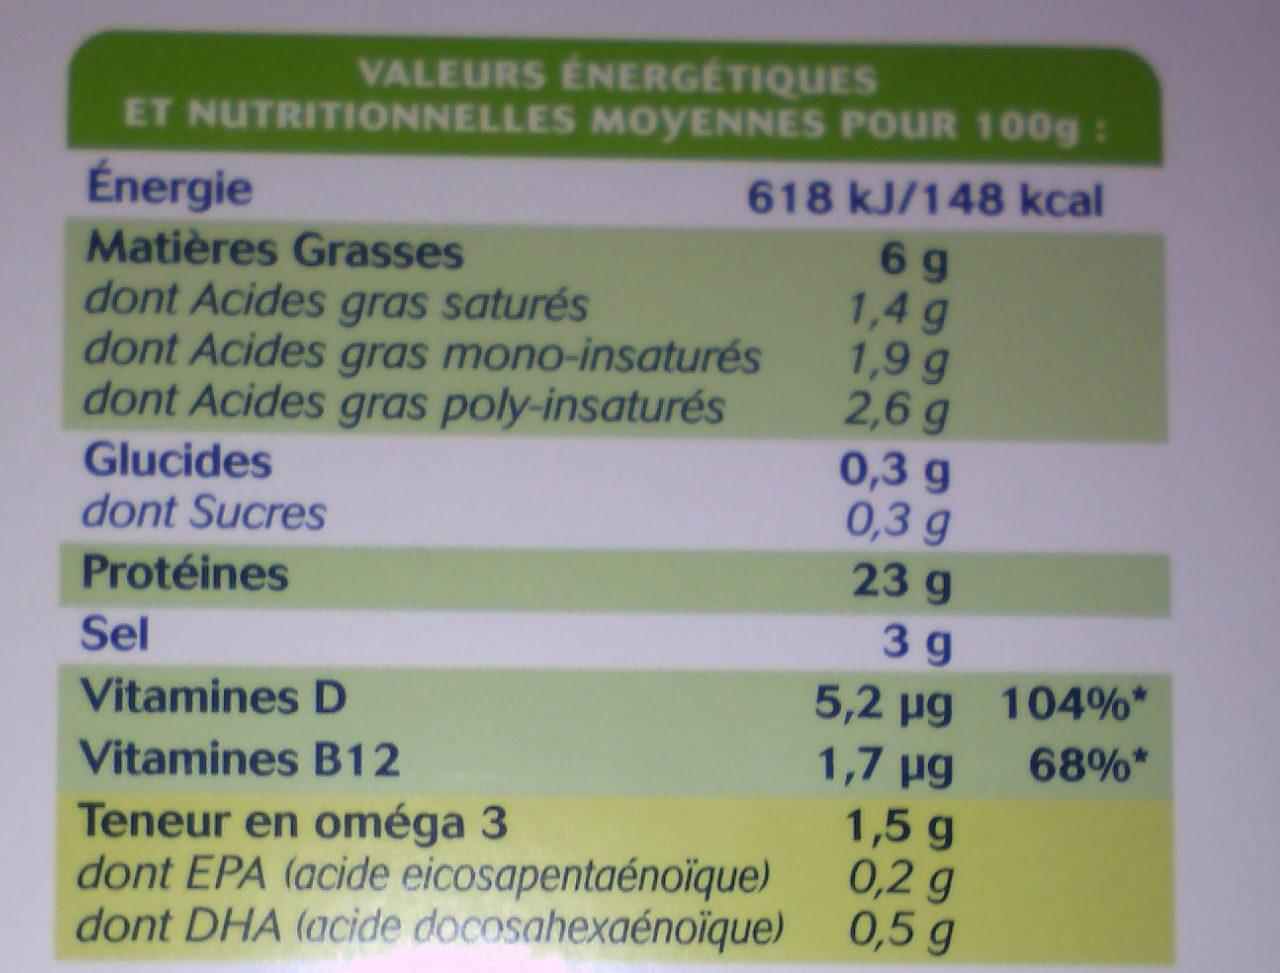 Truite Fumée Pyrénées (4 tranches) - 120 g - Informations nutritionnelles - fr